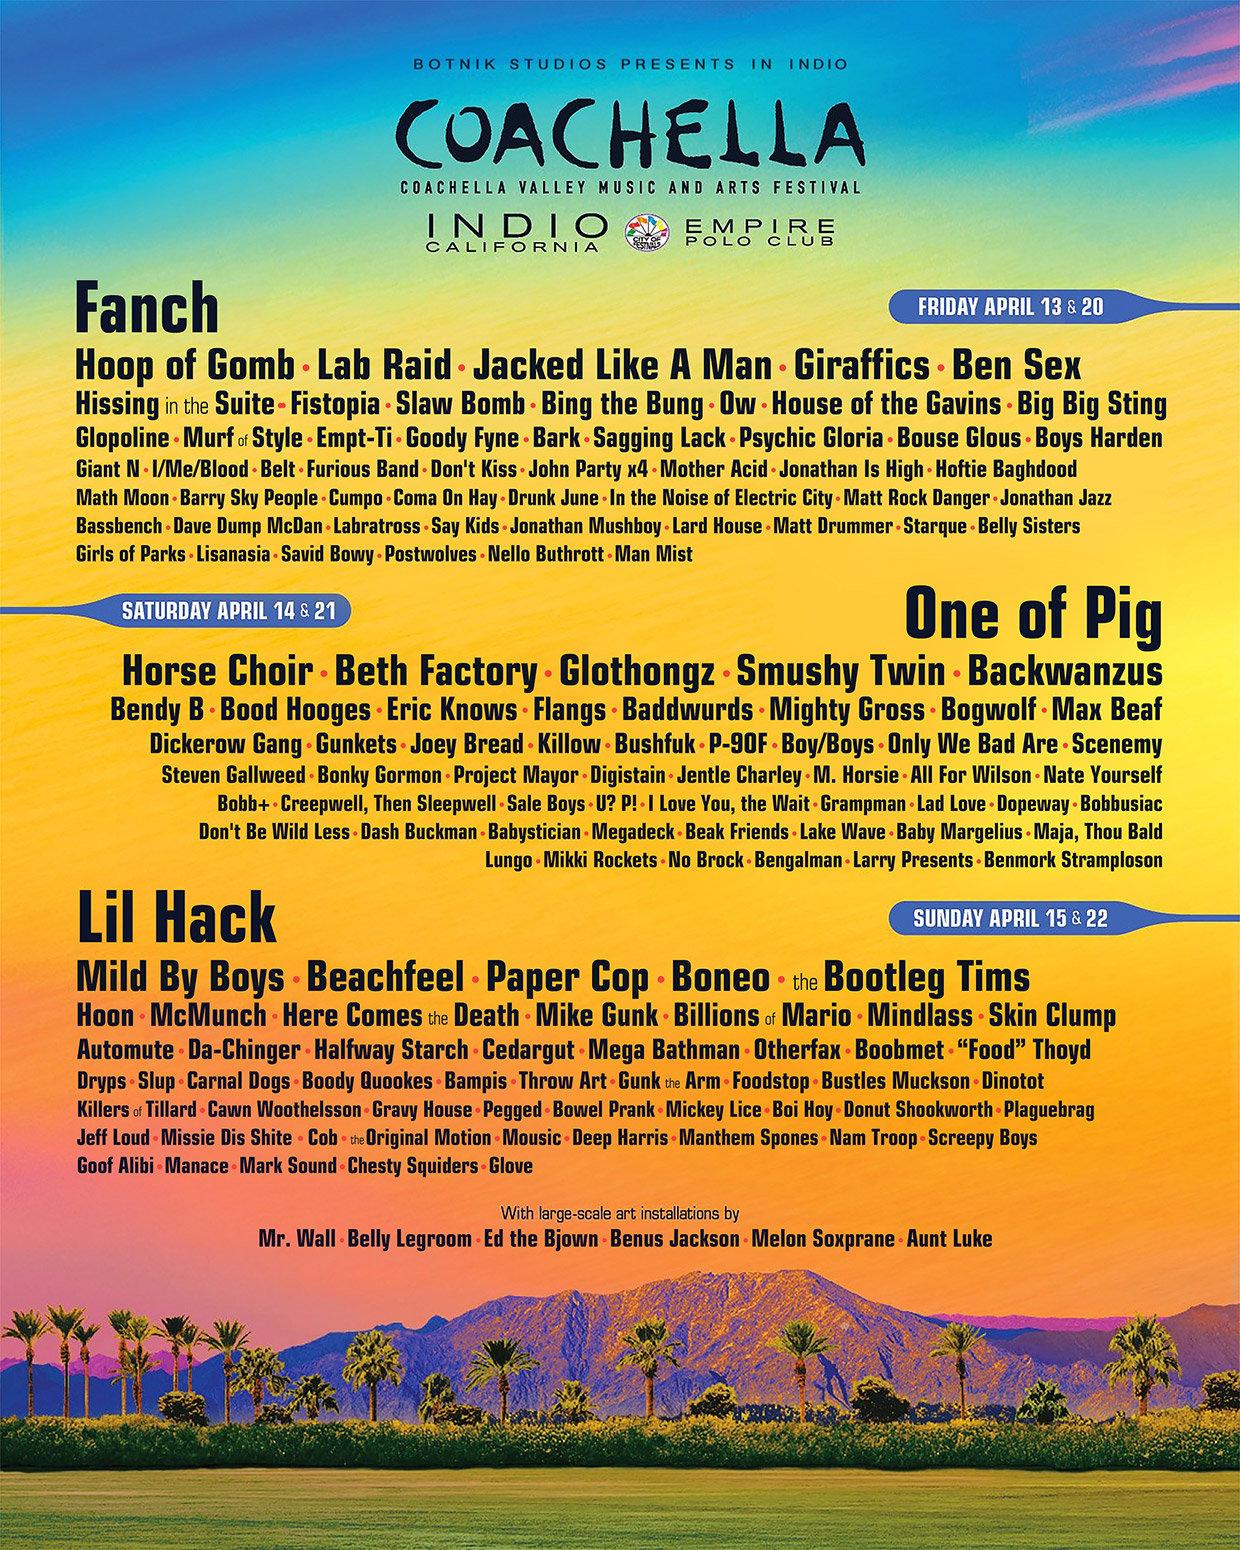 Coachella AI-generated Poster